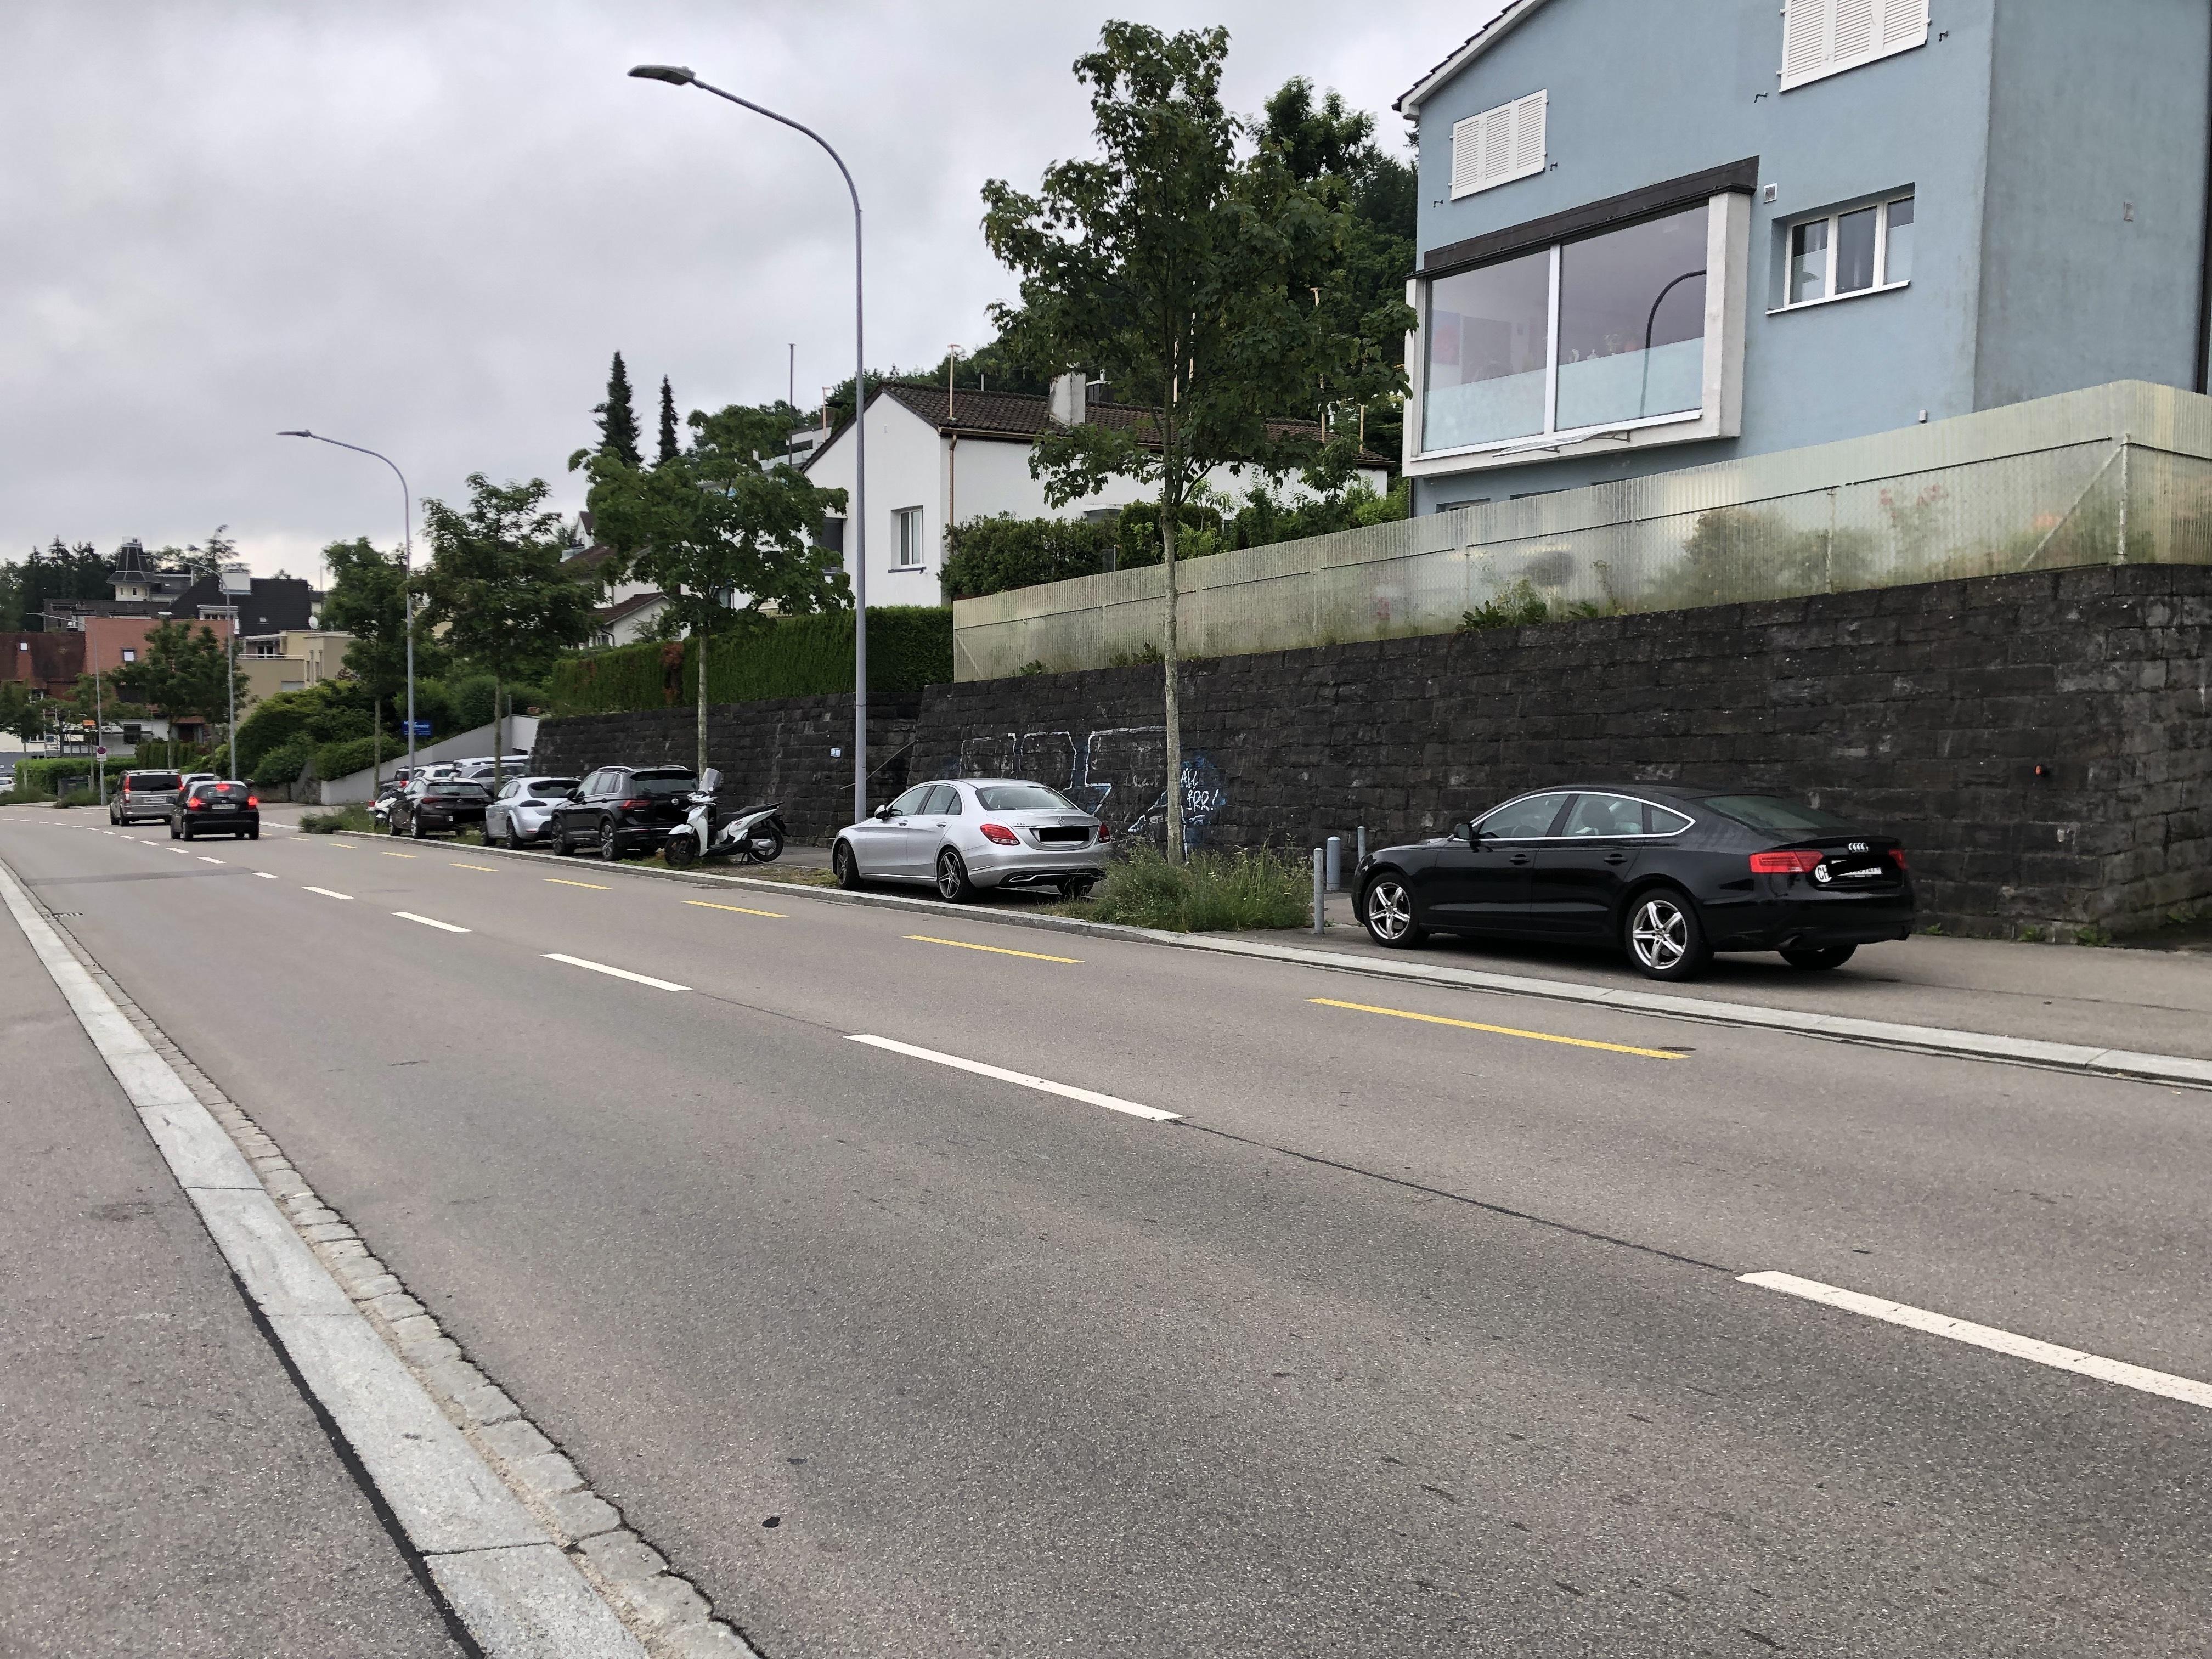 Baumzwischenräume begrünen, Parkieren verunmöglichen